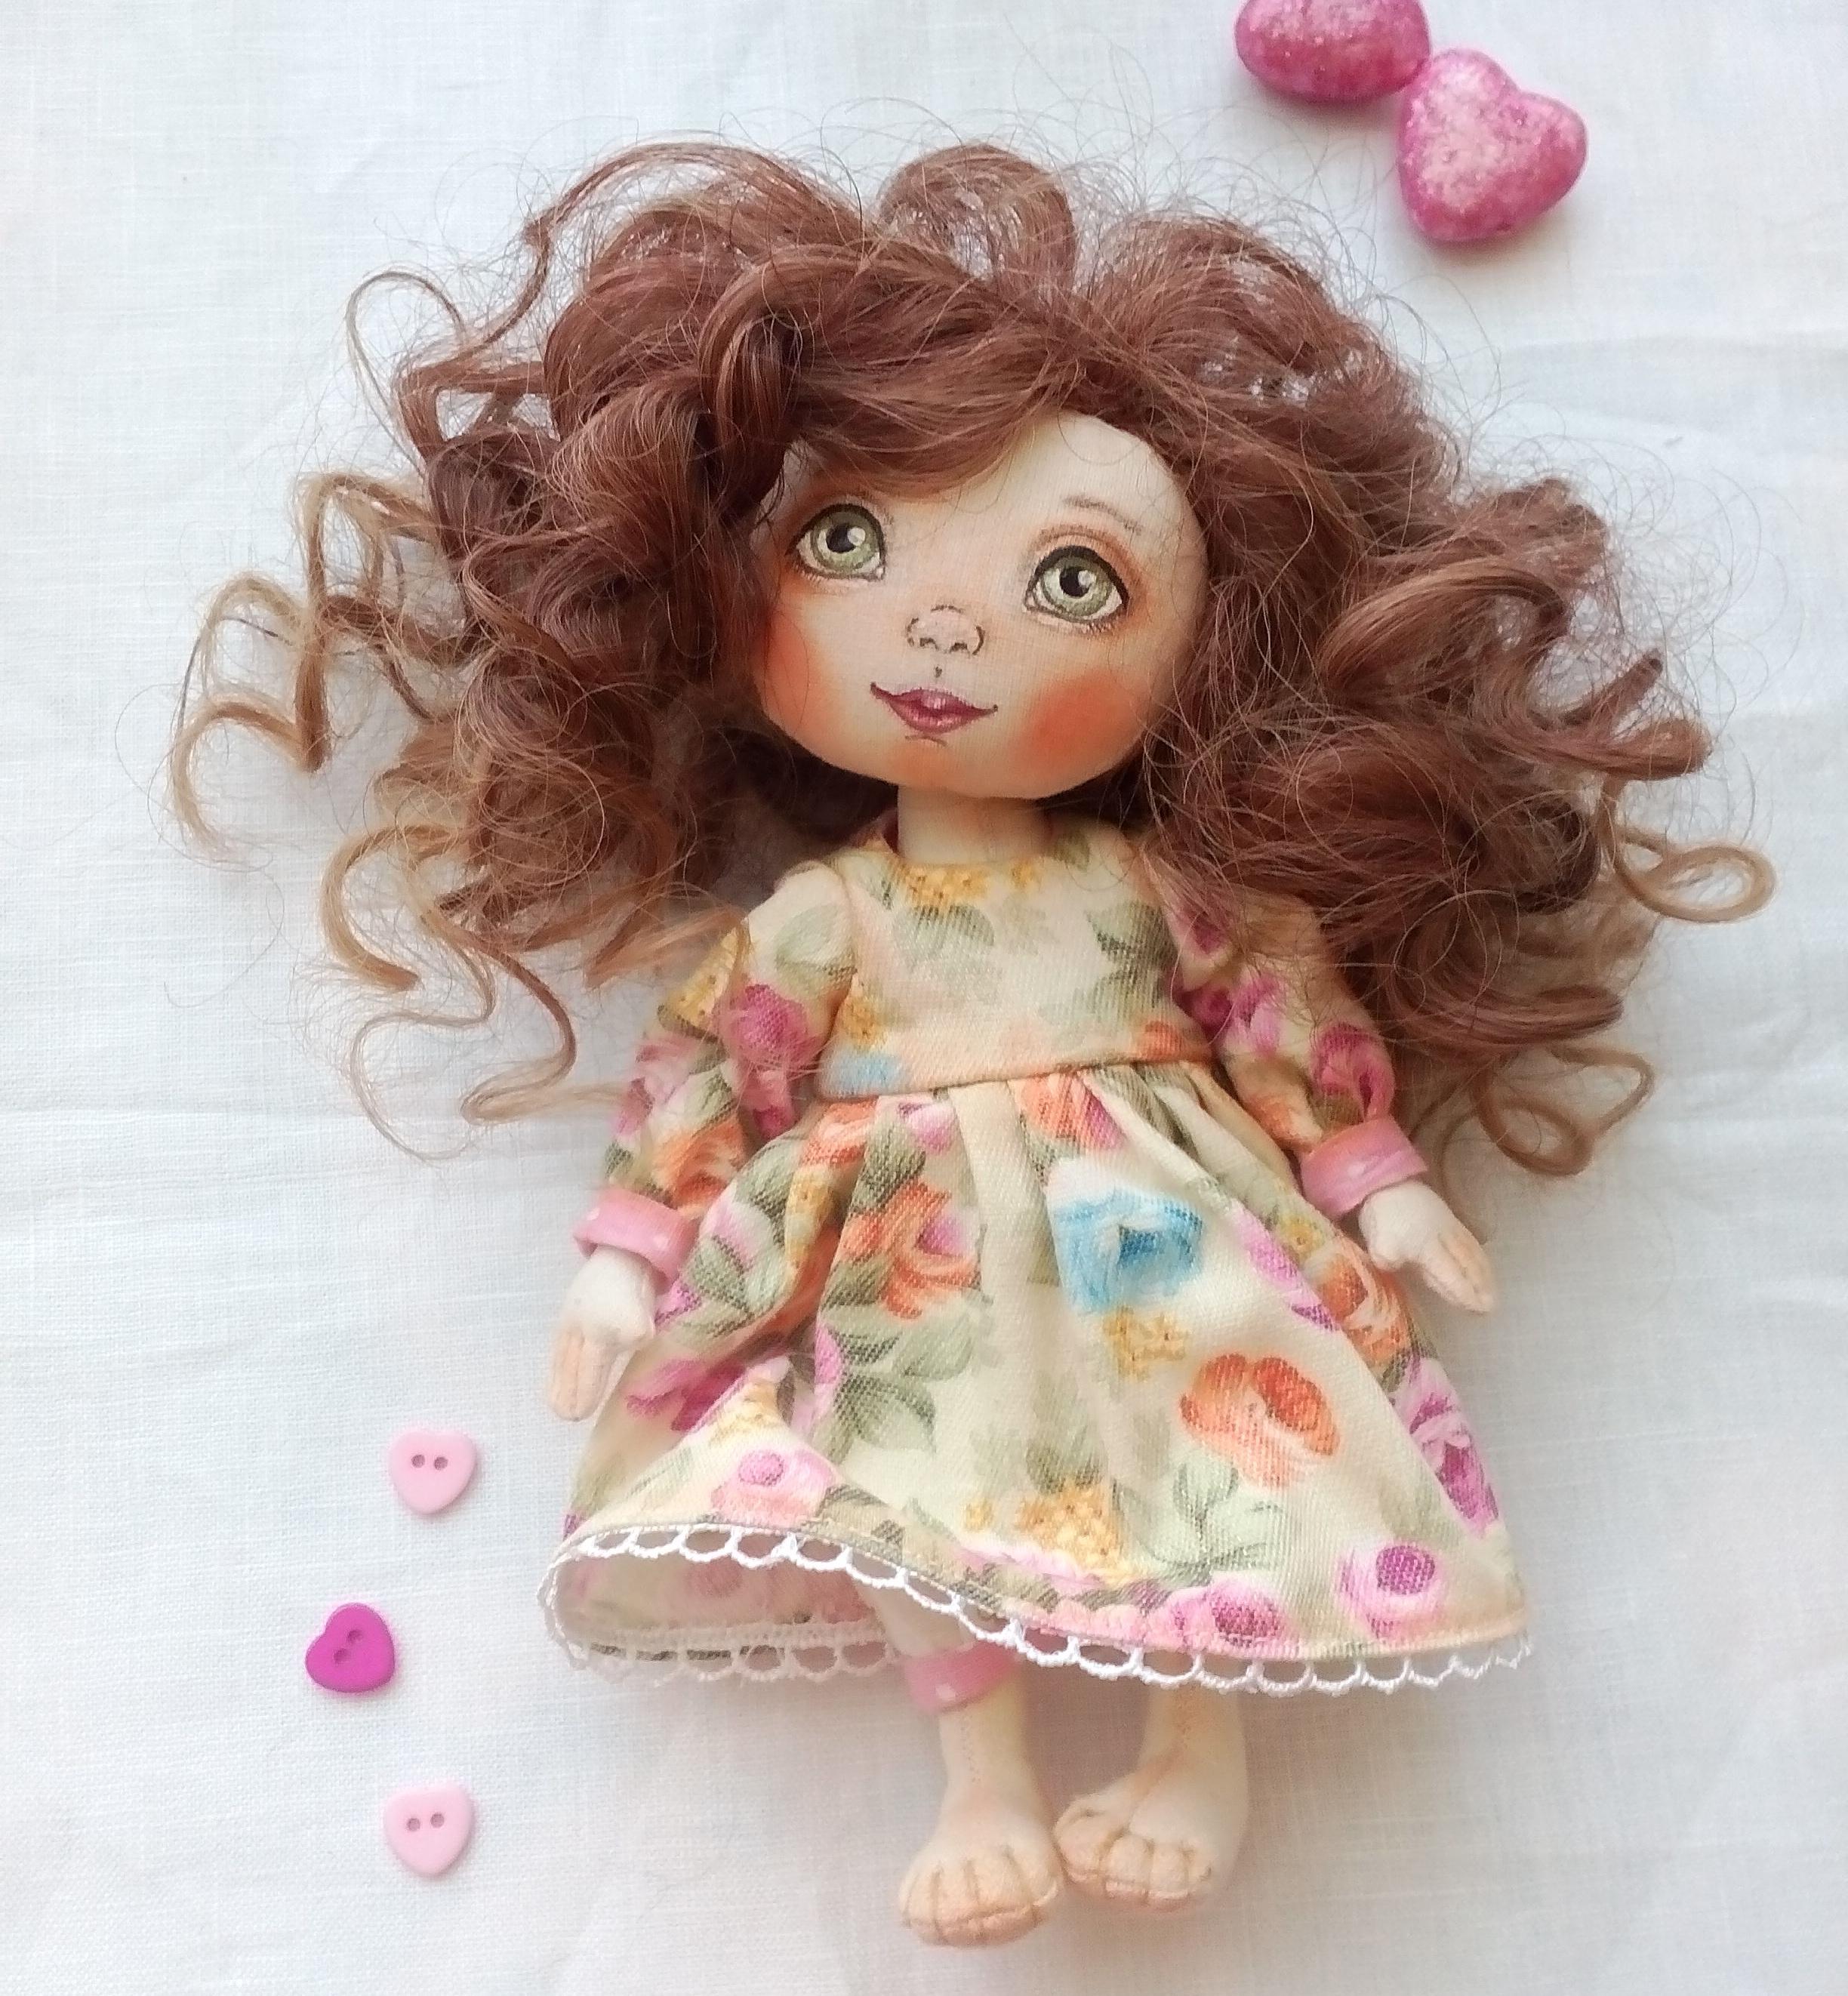 как сделать фотографию для кукол необходимо